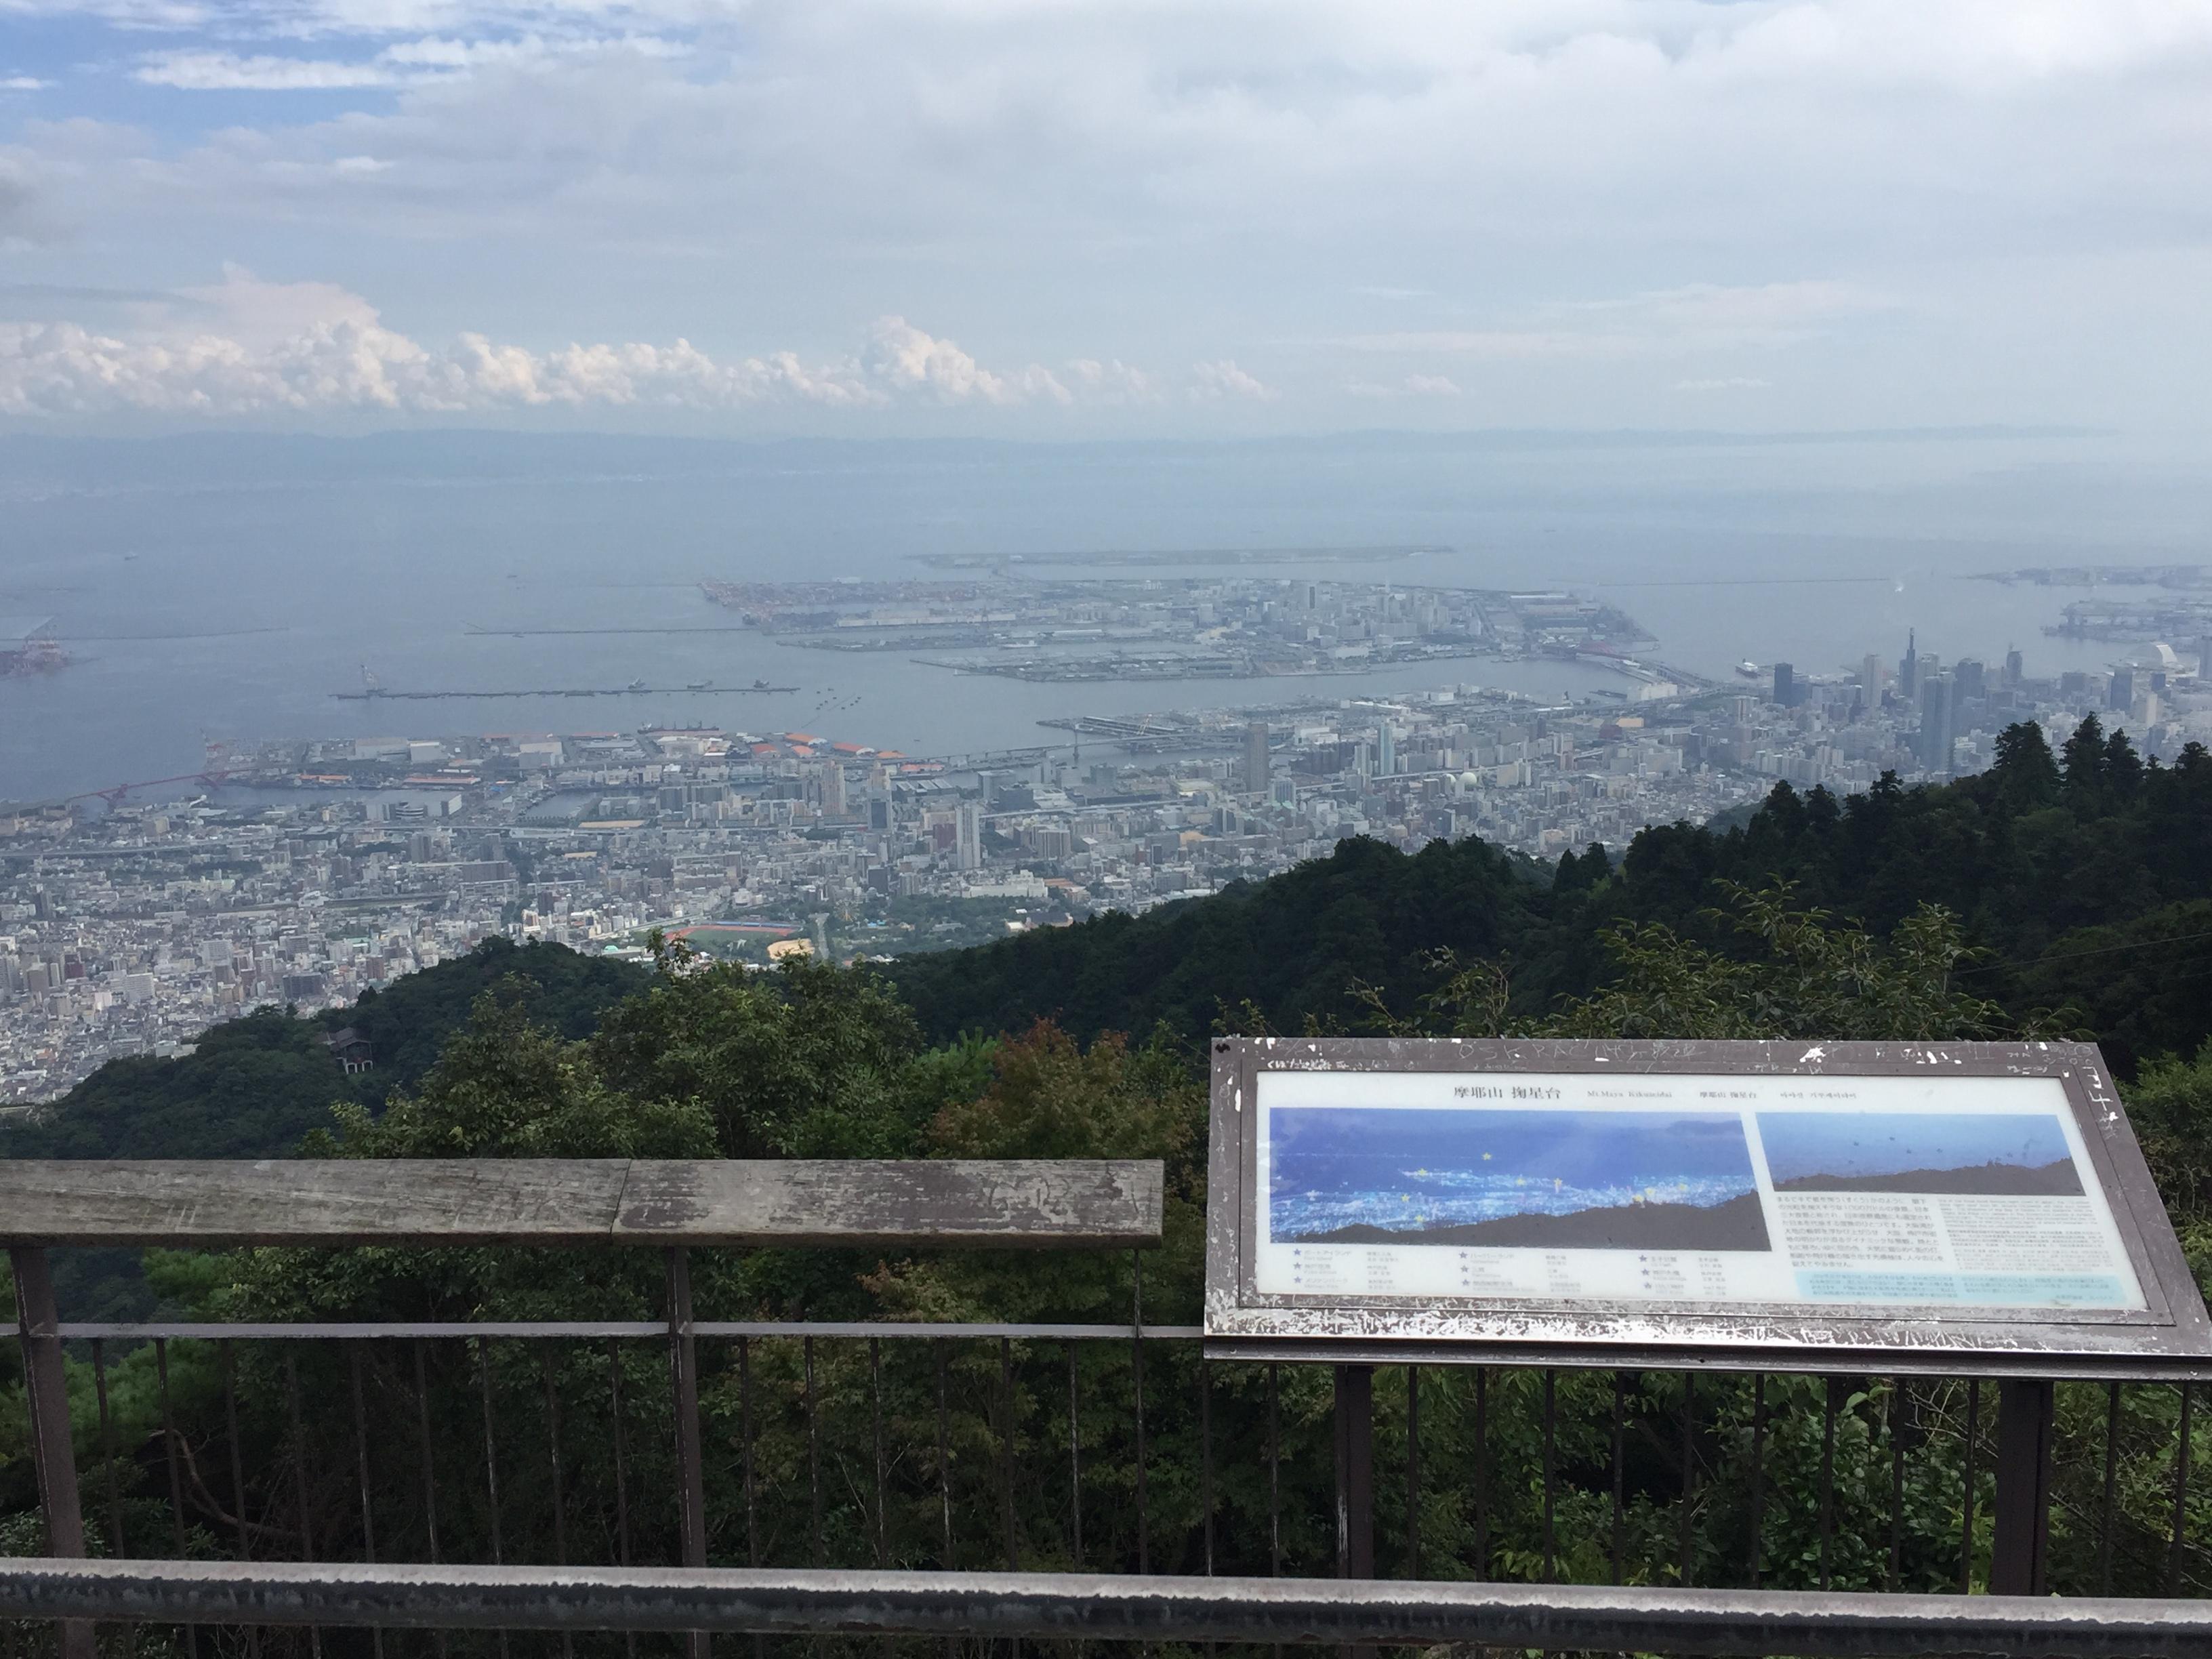 神戸・摩耶山掬星台まで登山&ロープウェー&摩耶ケーブルで登ってみた!【灘区特集】 #まやビューライン